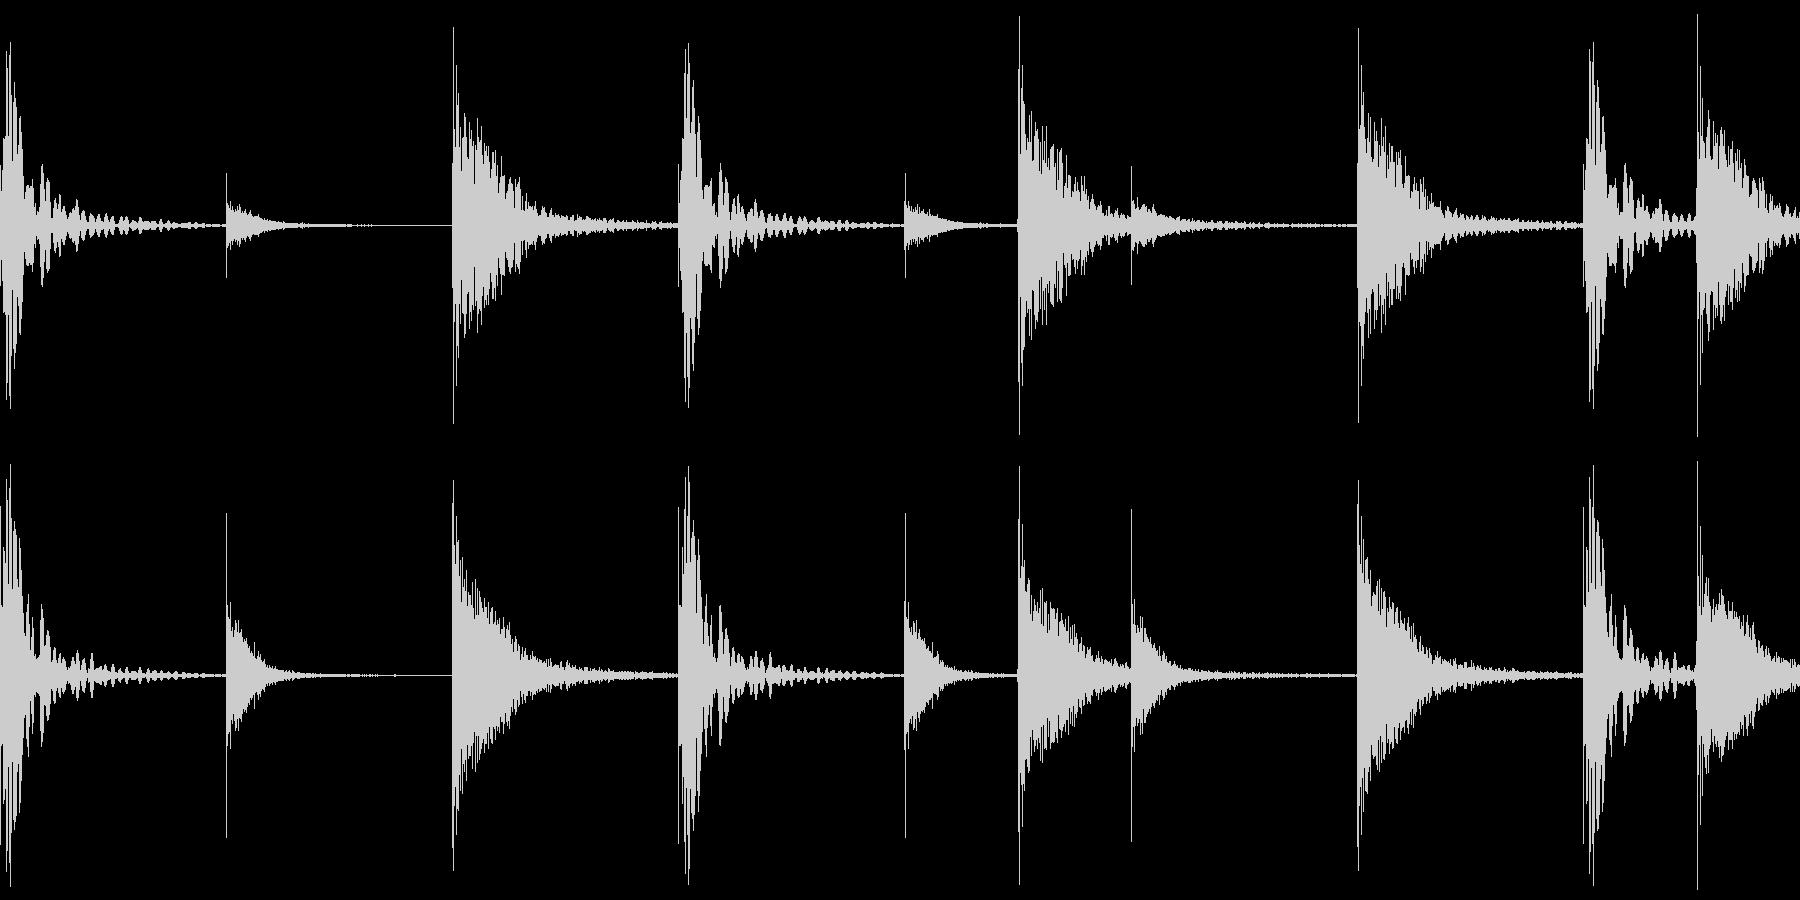 2小節のドラムパターンの未再生の波形